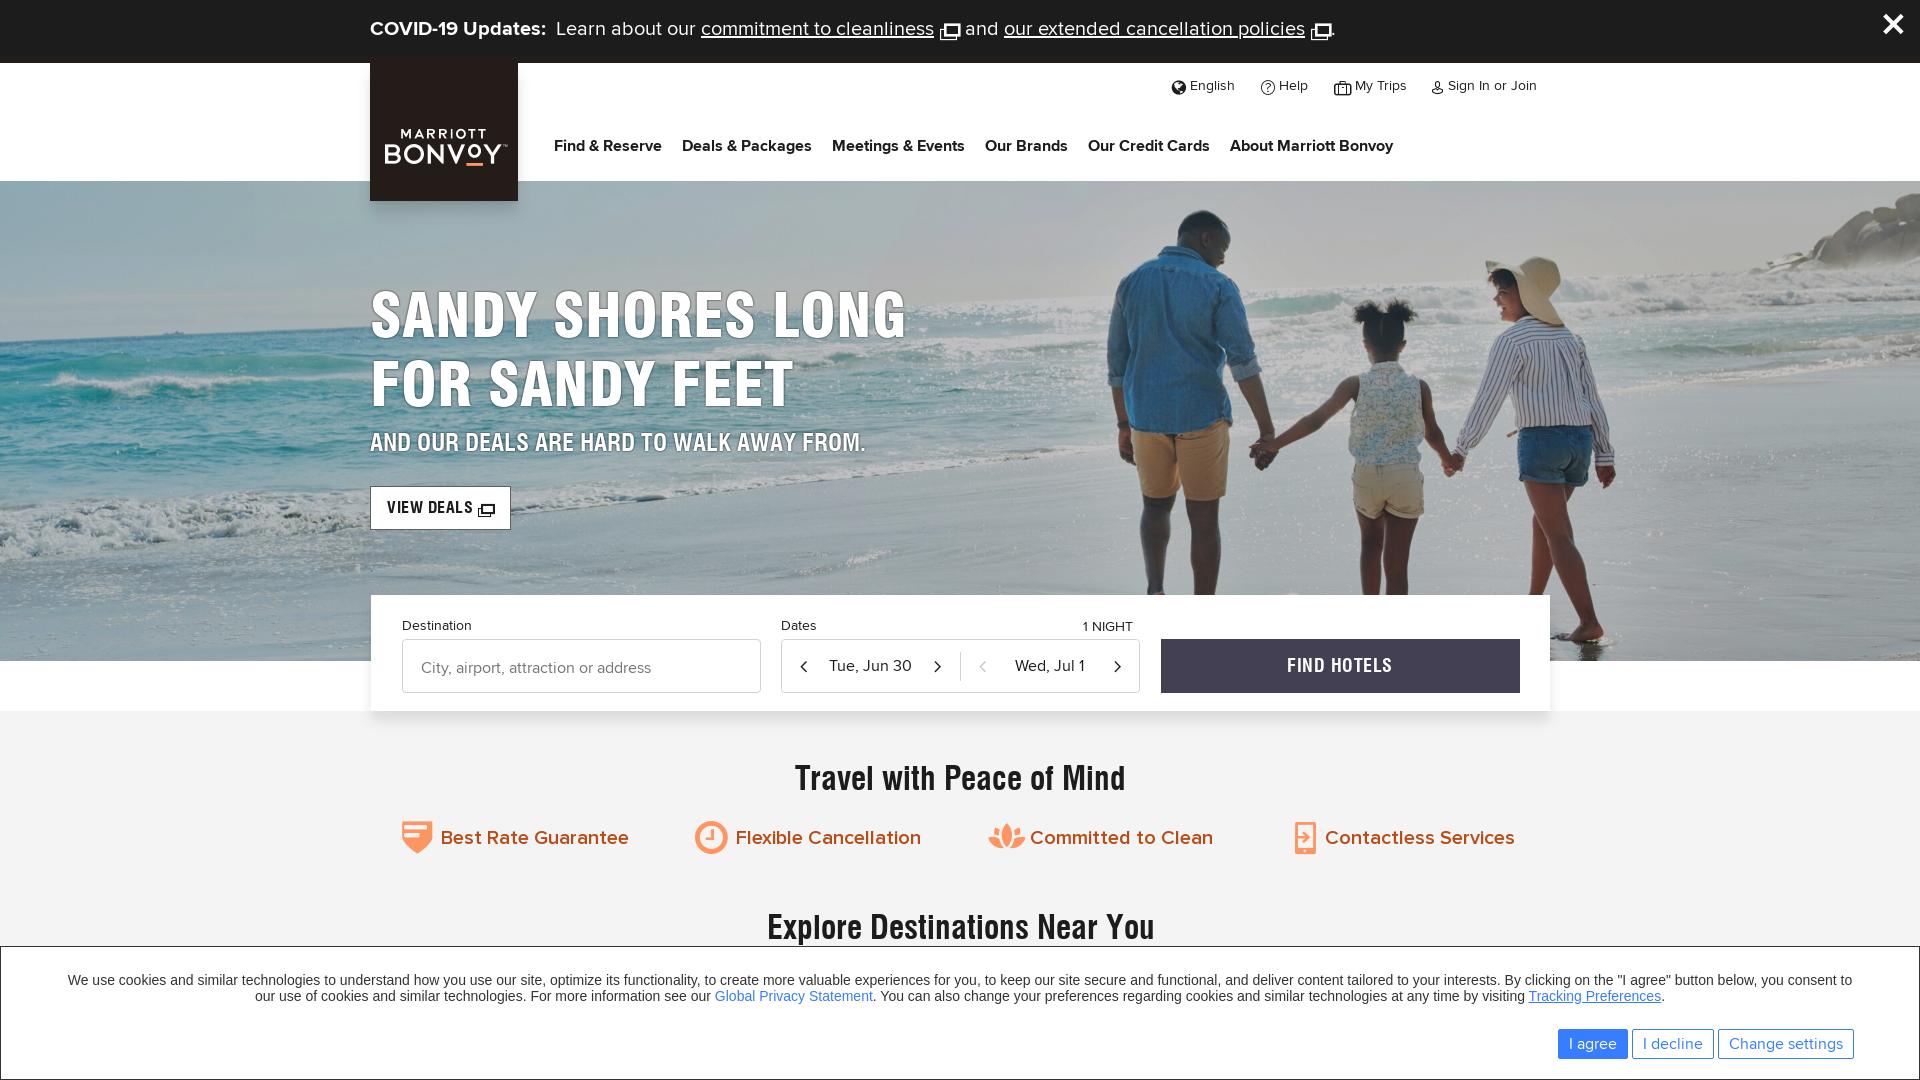 Marriott International website